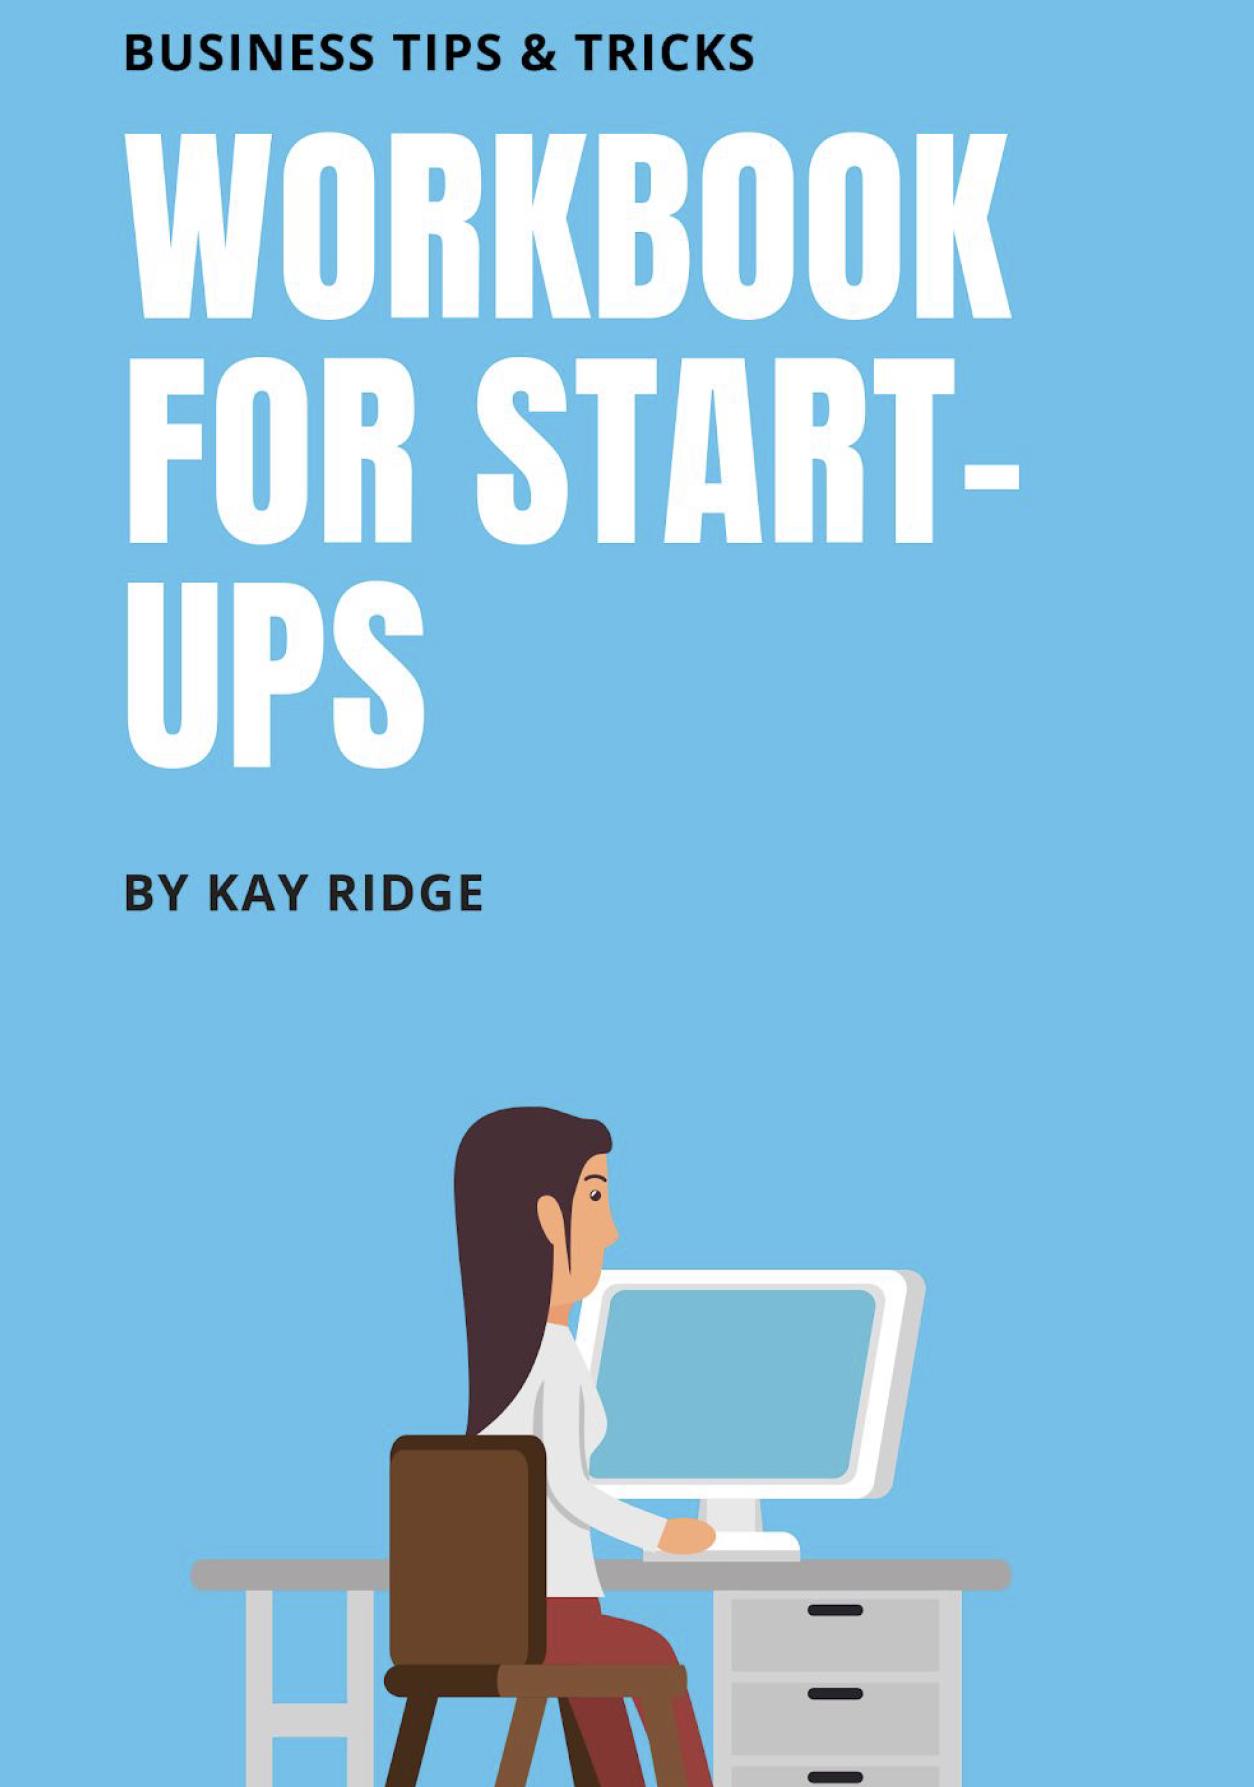 Workbook.jpg